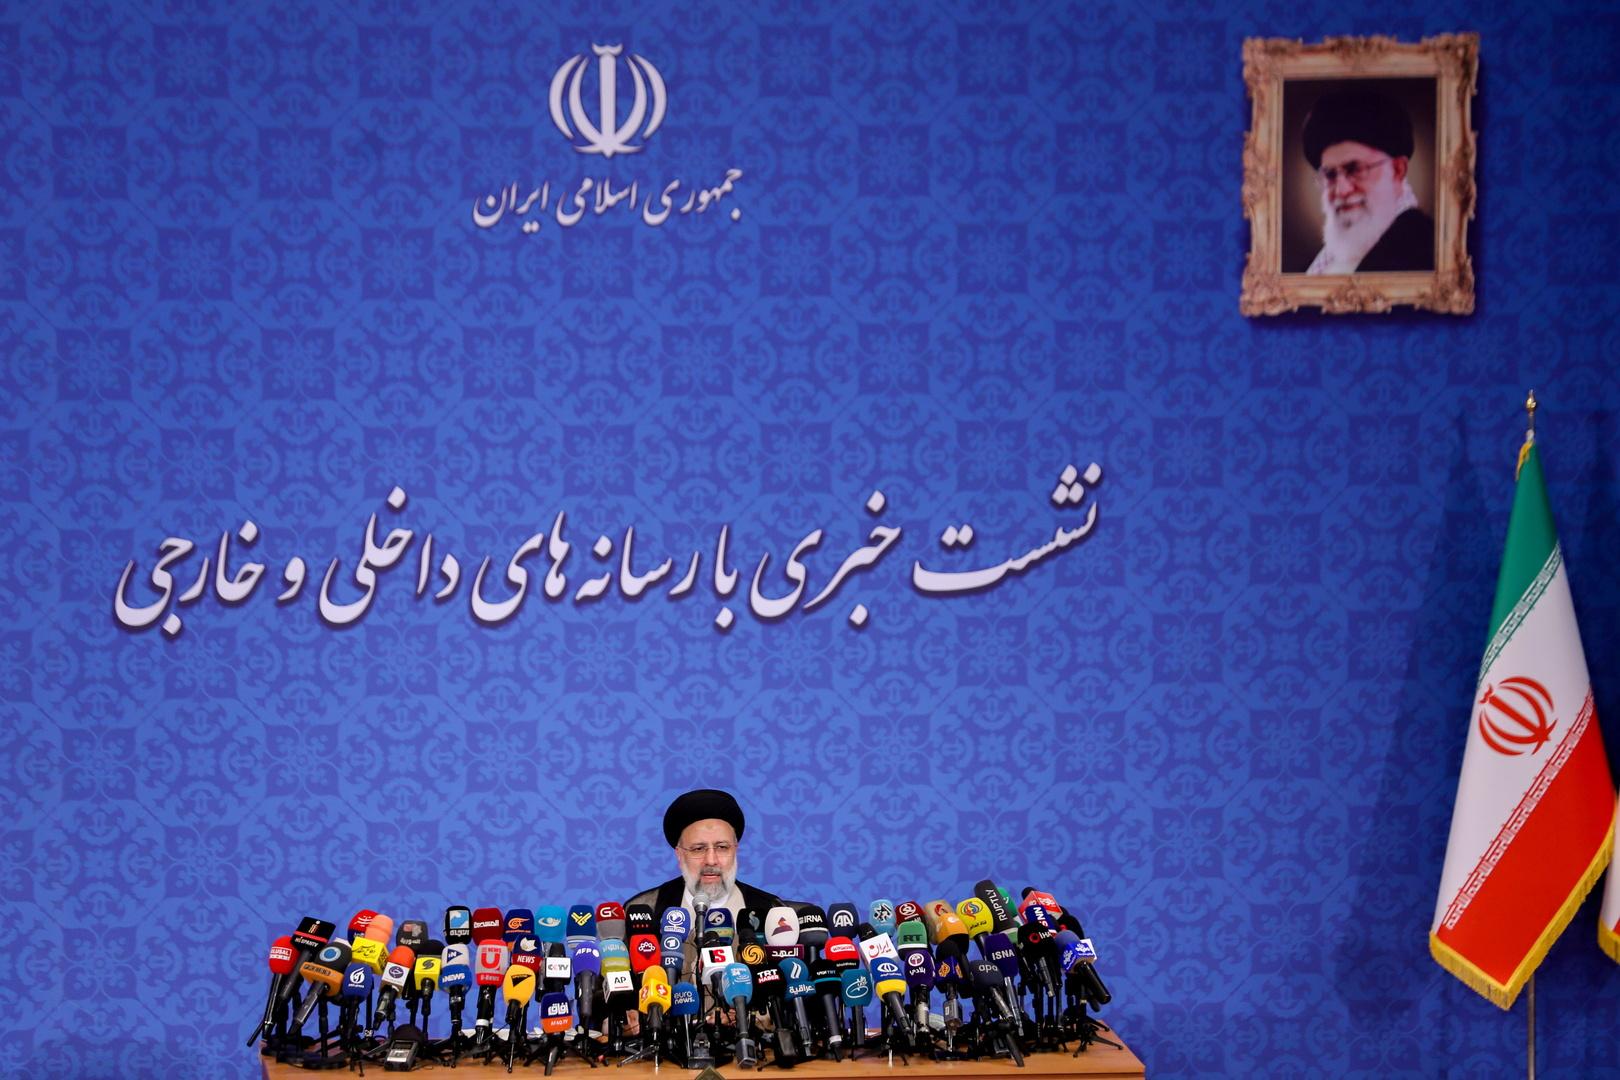 بدء مراسم تنصيب الرئيس الإيراني الجديد إبراهيم رئيسي